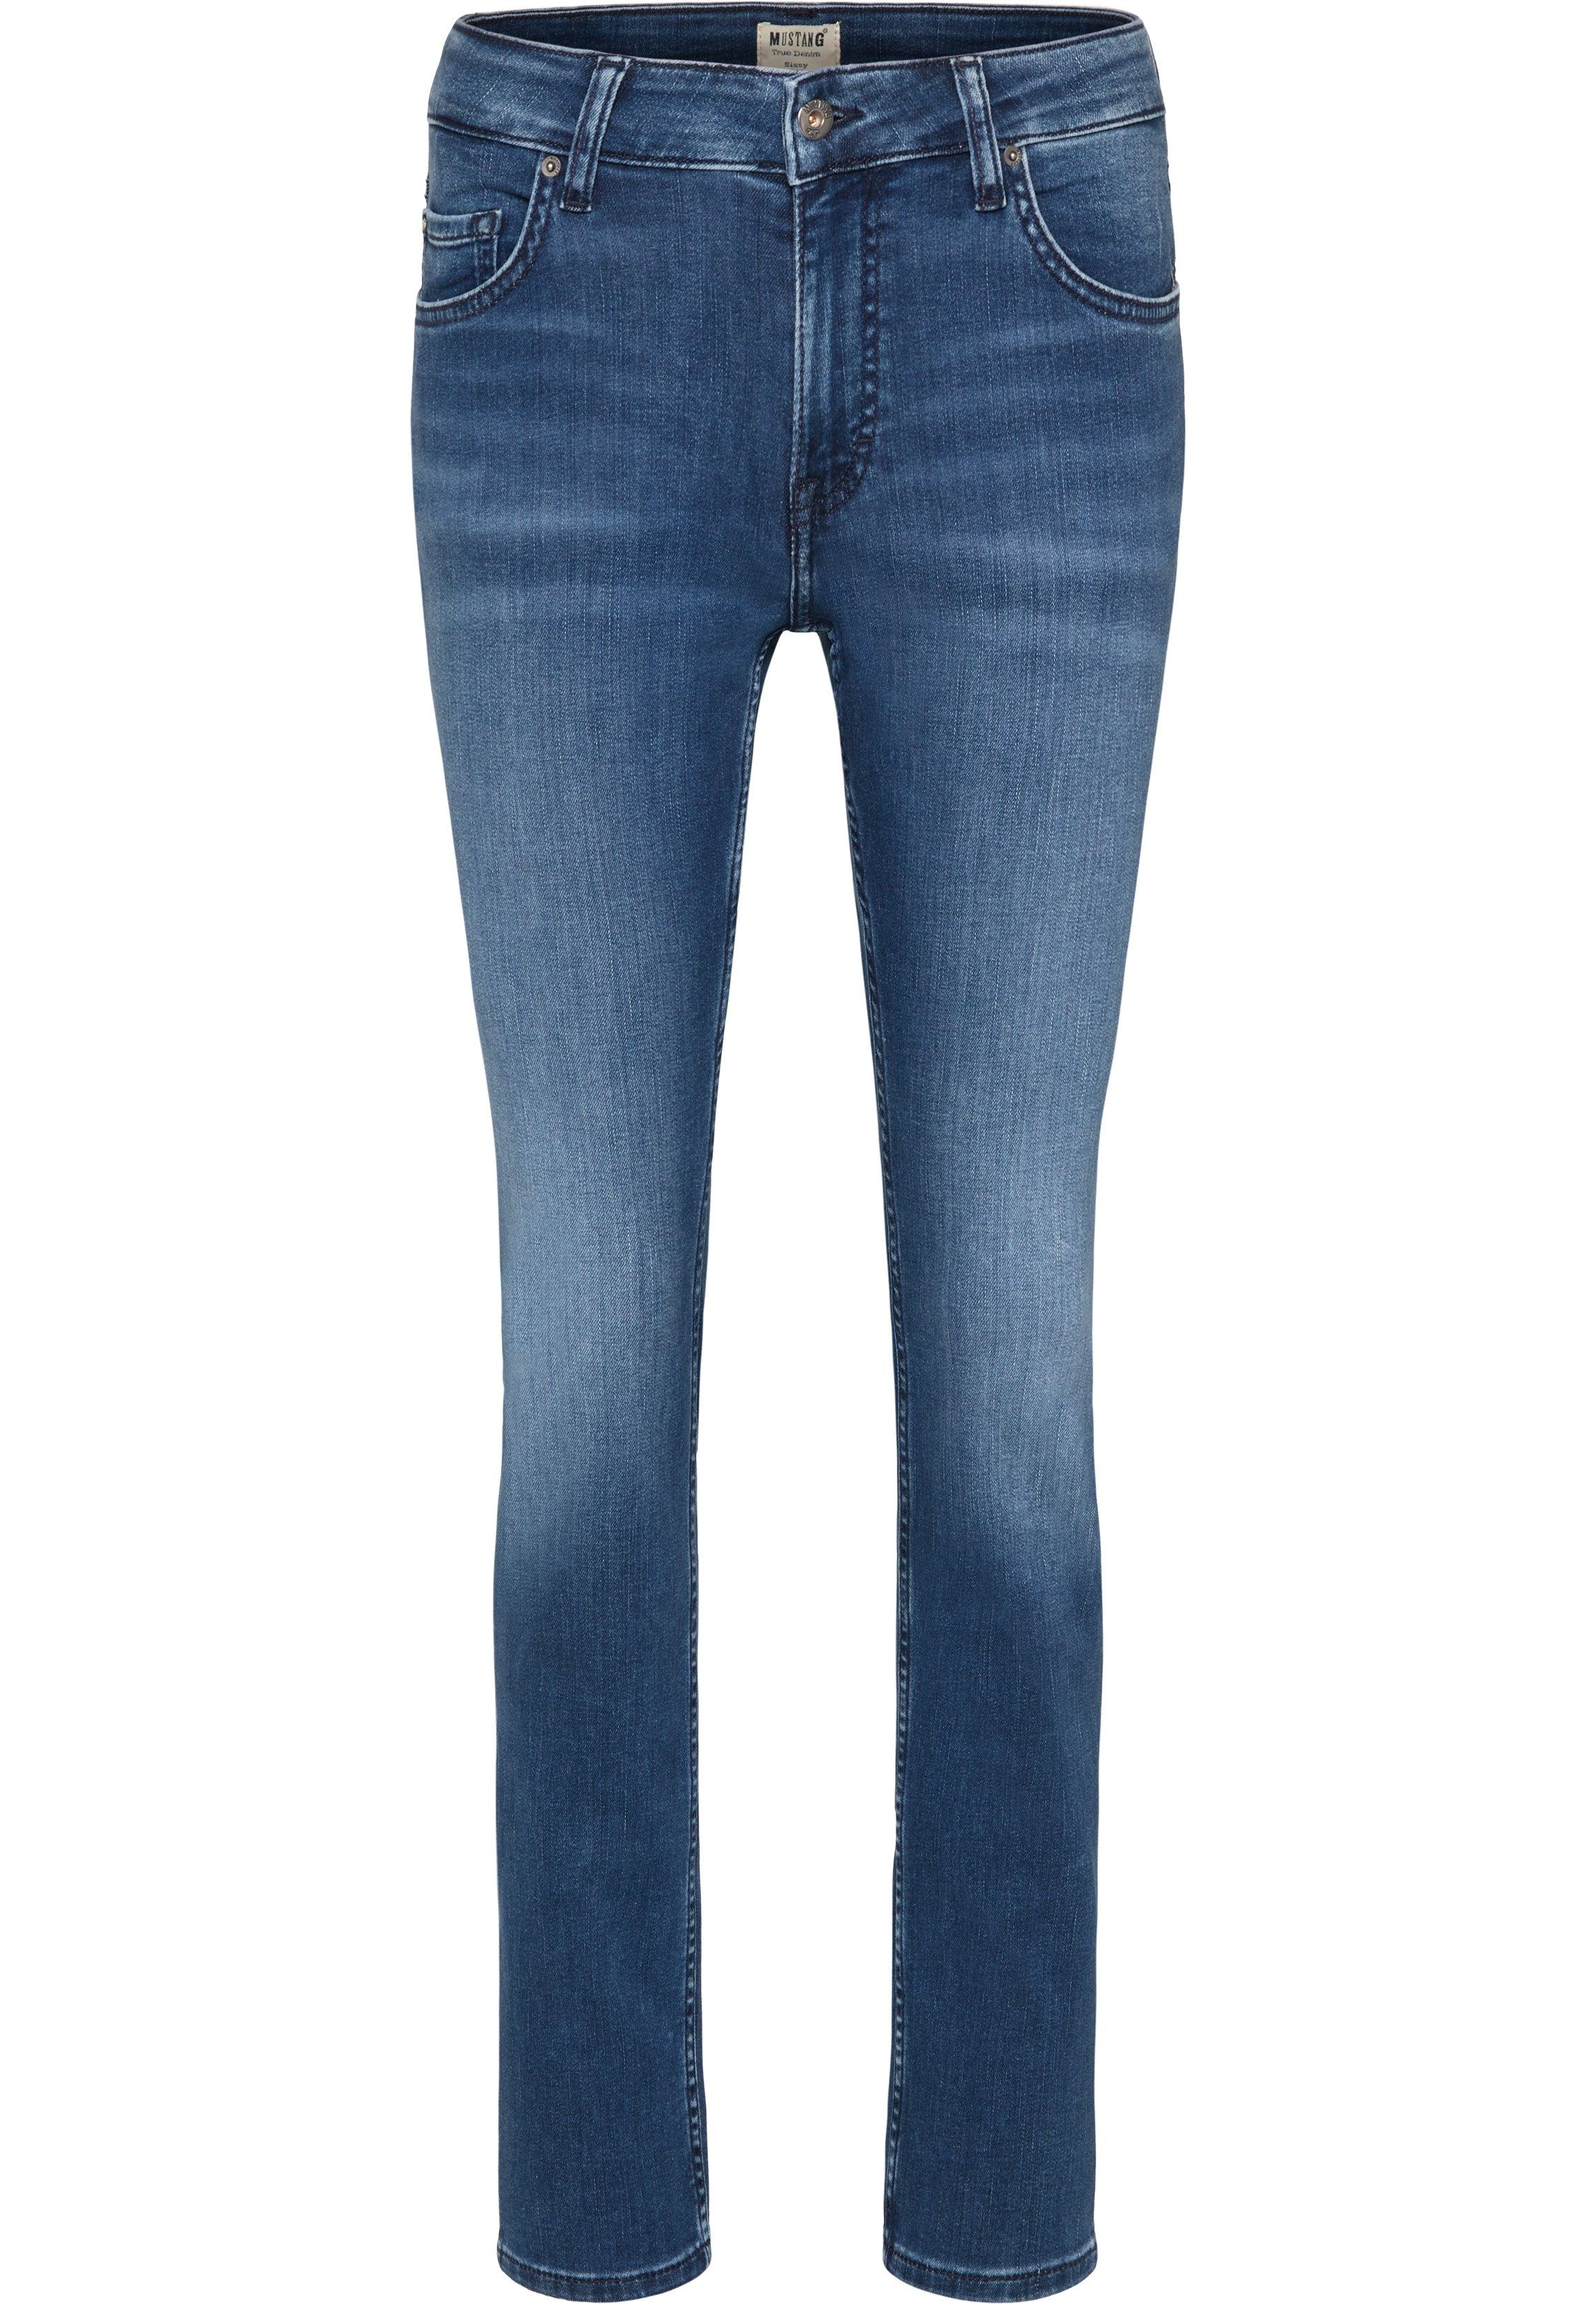 MUSTANG jeans »Sissy Slim« voordelig en veilig online kopen